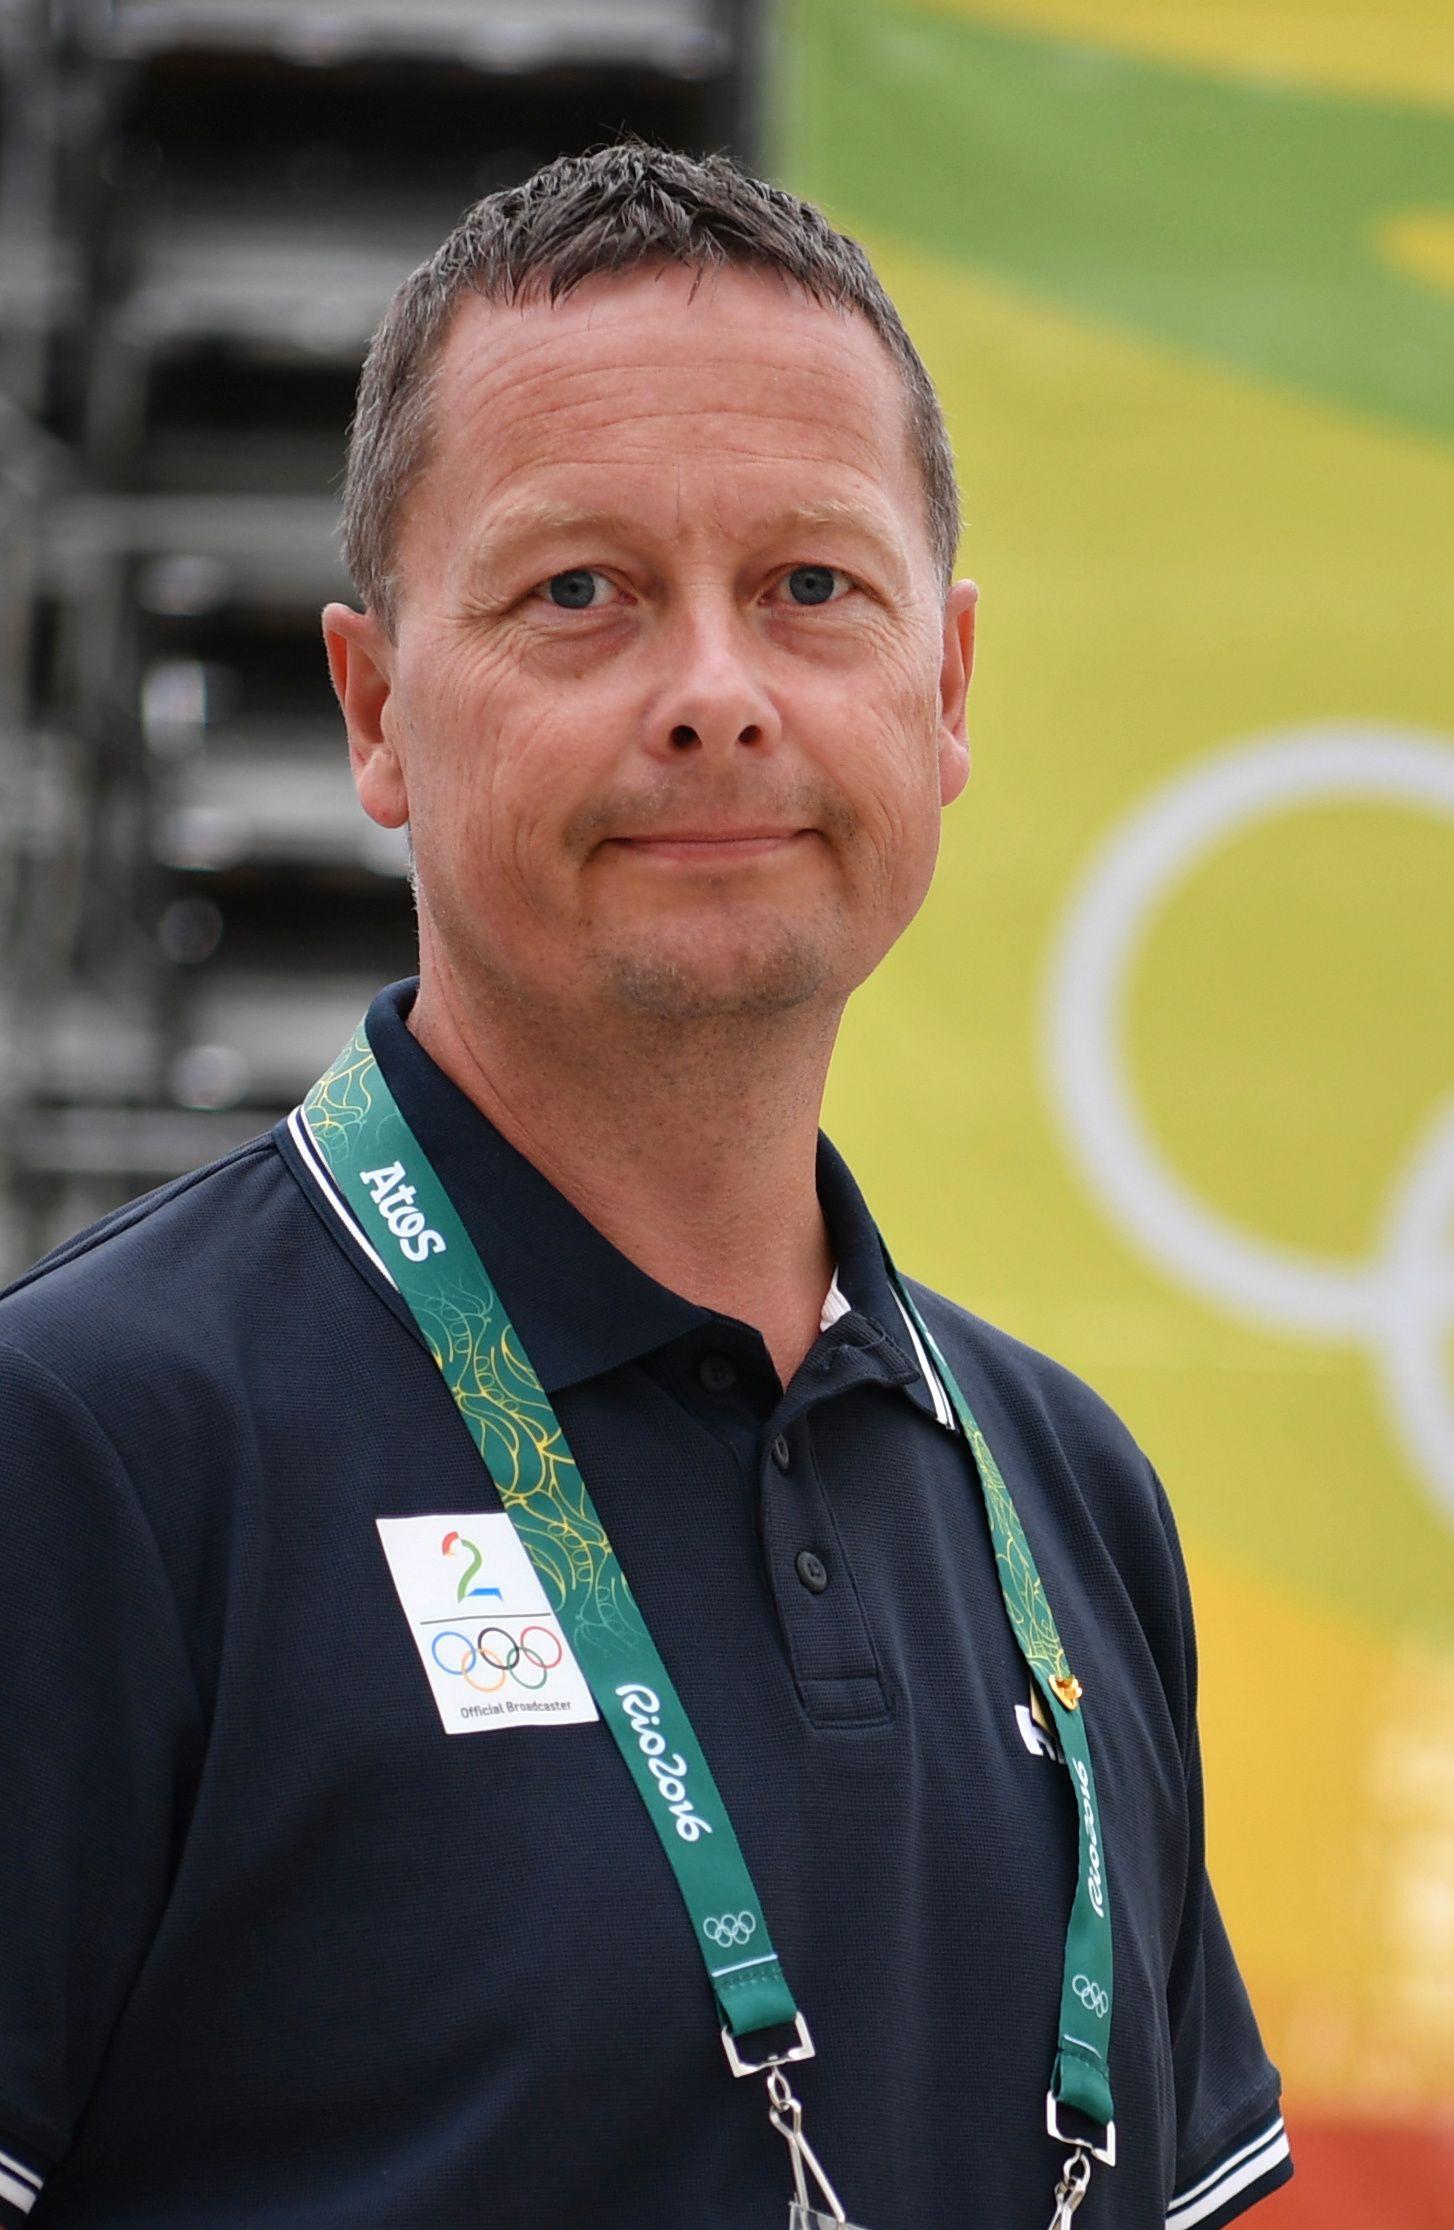 KOMMUNIKASJONSSJEF: Jan-Petter Dahl i TV 2.